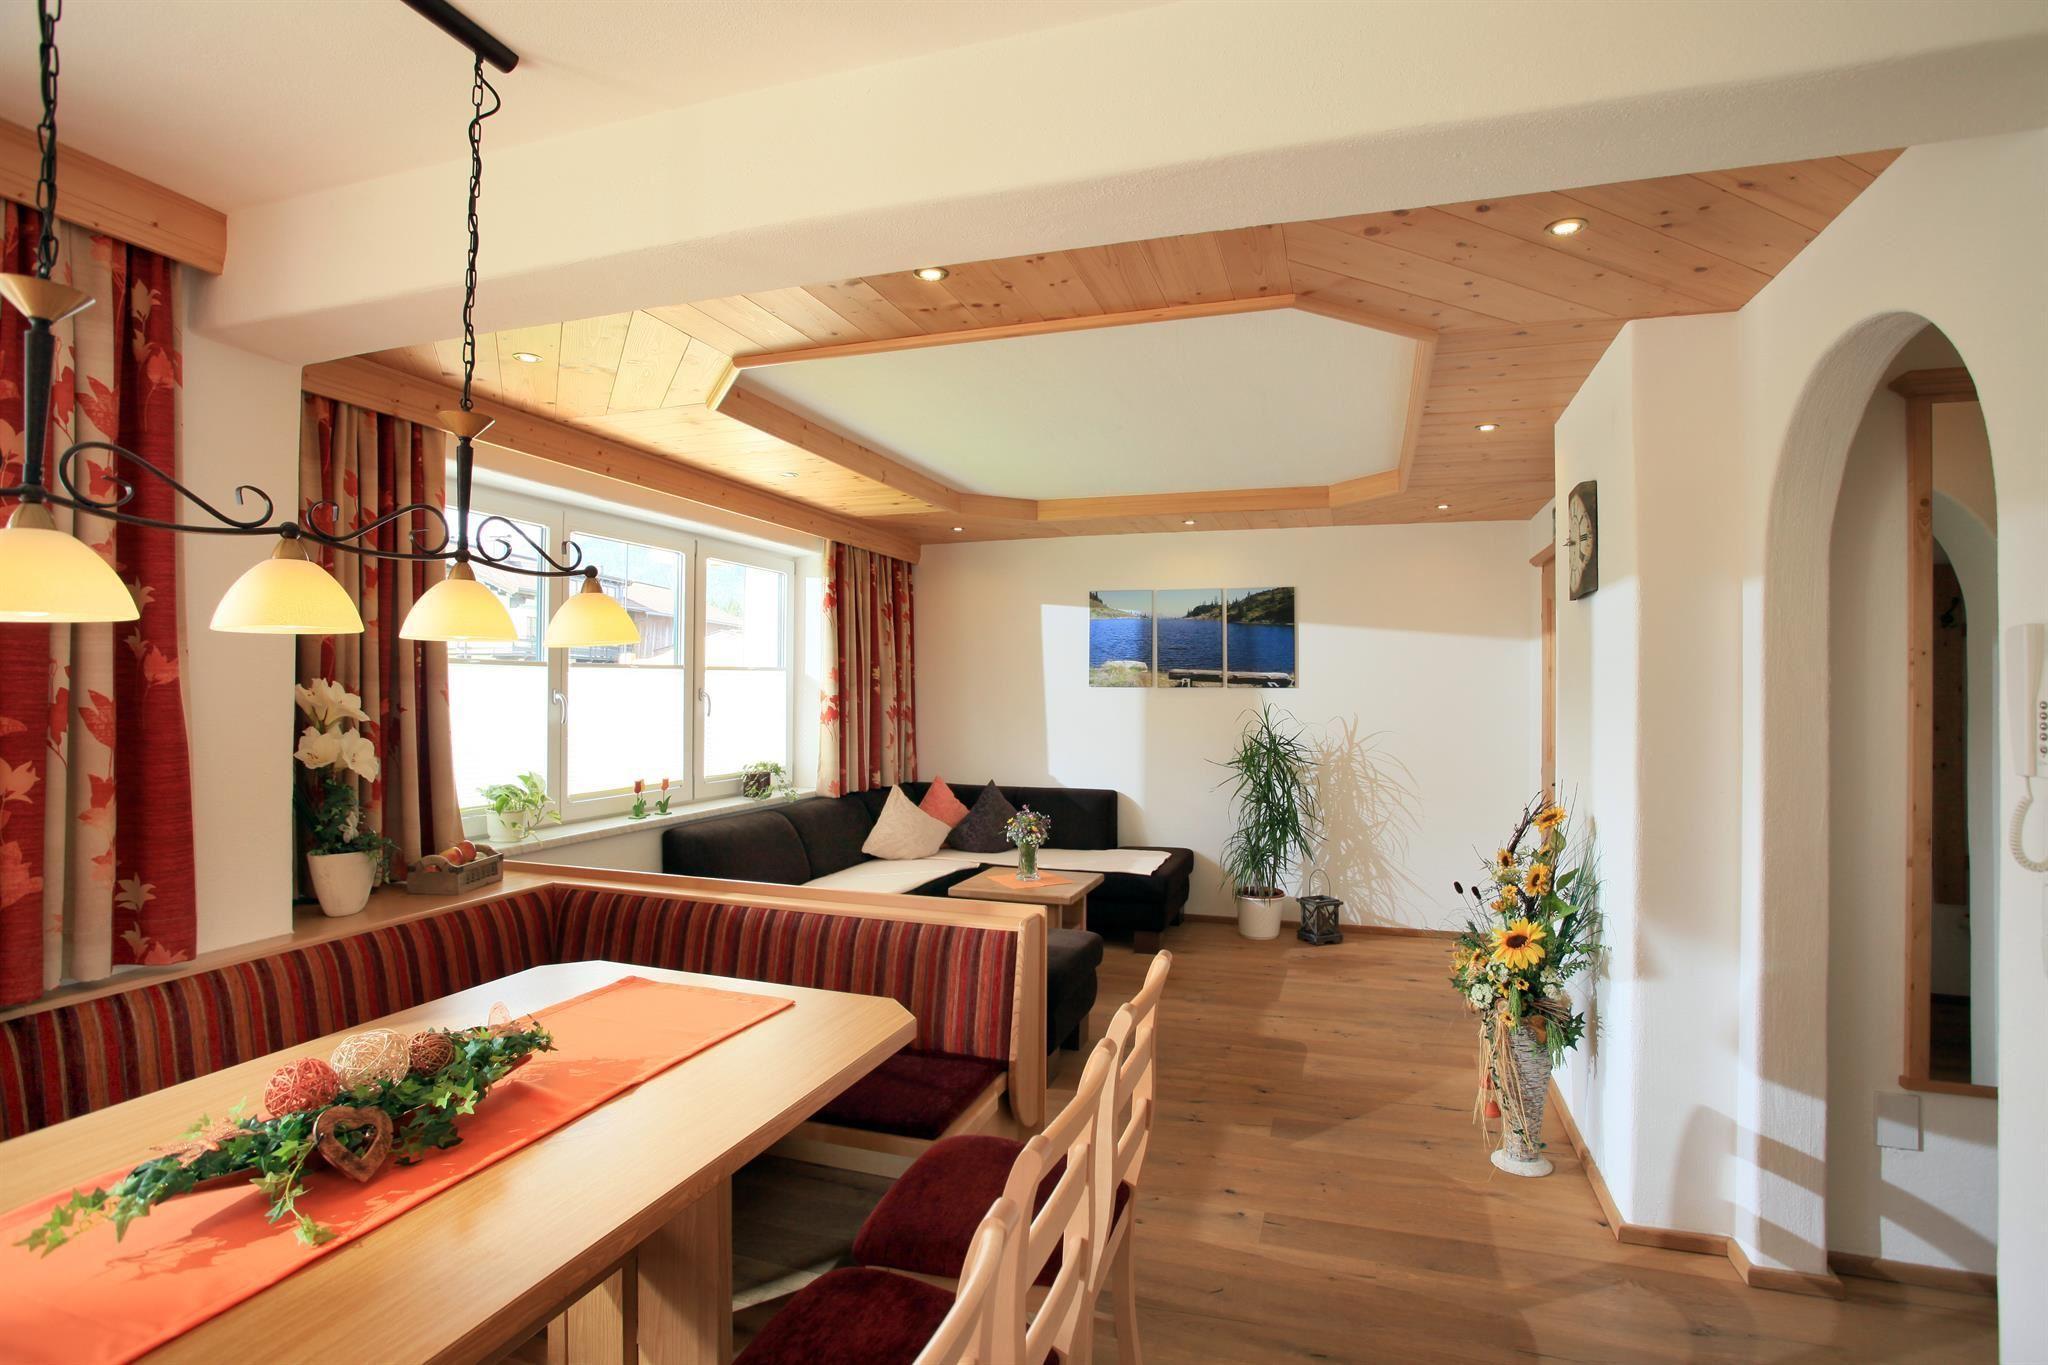 Wohnzimmer Und Schlafzimmer Kombinieren – MiDiR